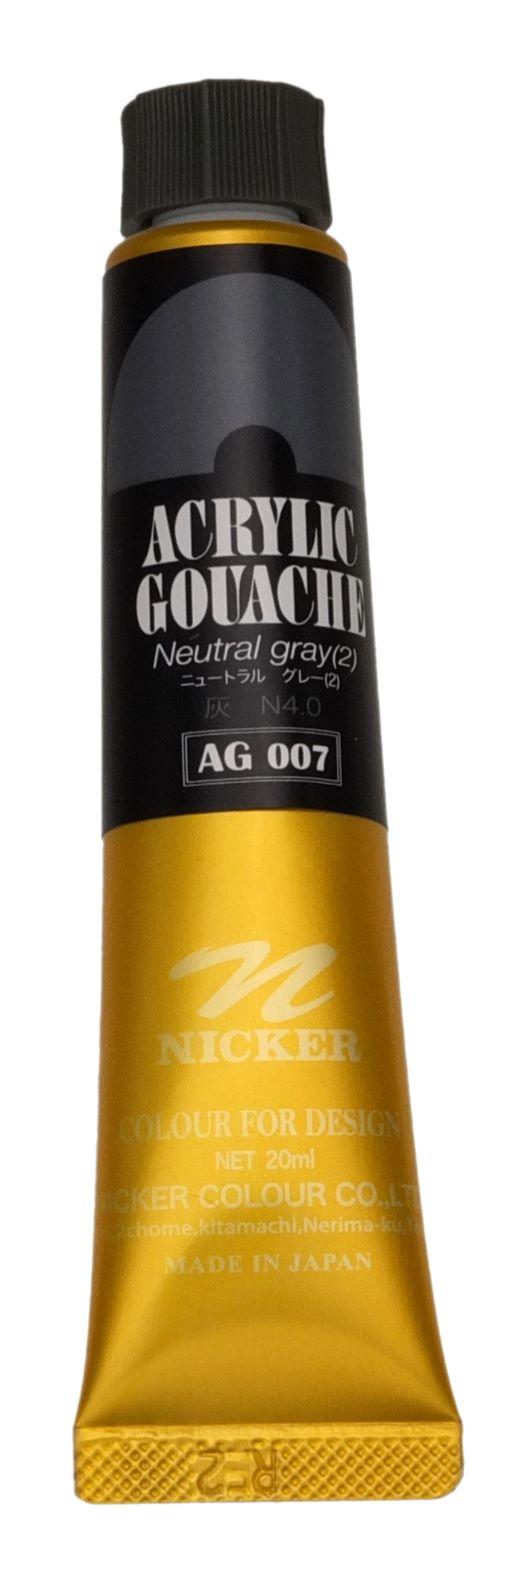 ACRYLIC GOUACHE 20ml AG007 NEUTRAL GRAY(2)